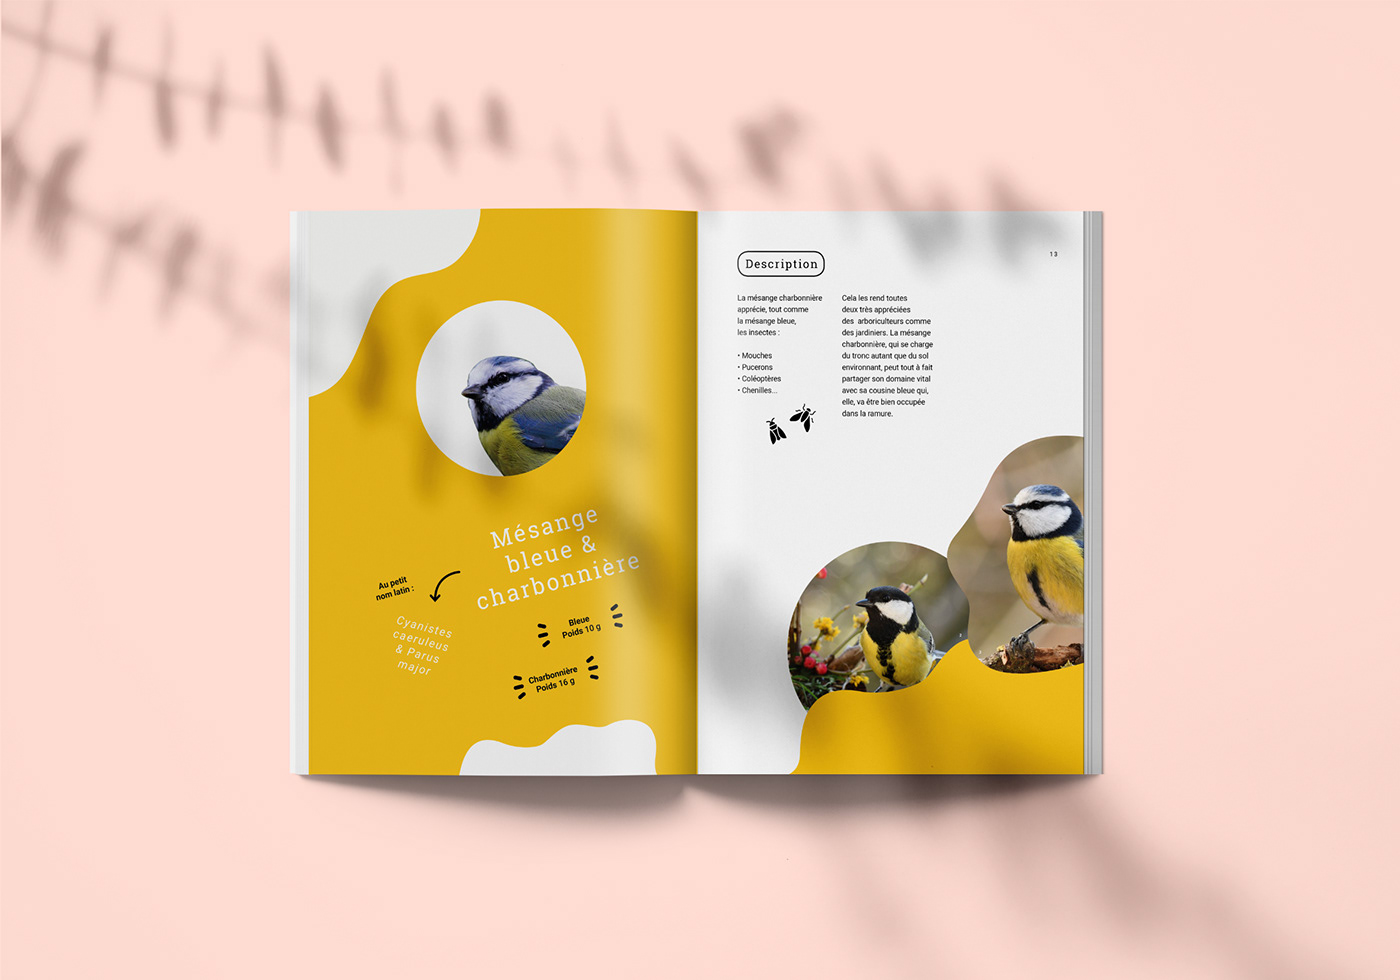 edition graphisme graphicdesign paper birds oiseaux livre book colors ILLUSTRATION